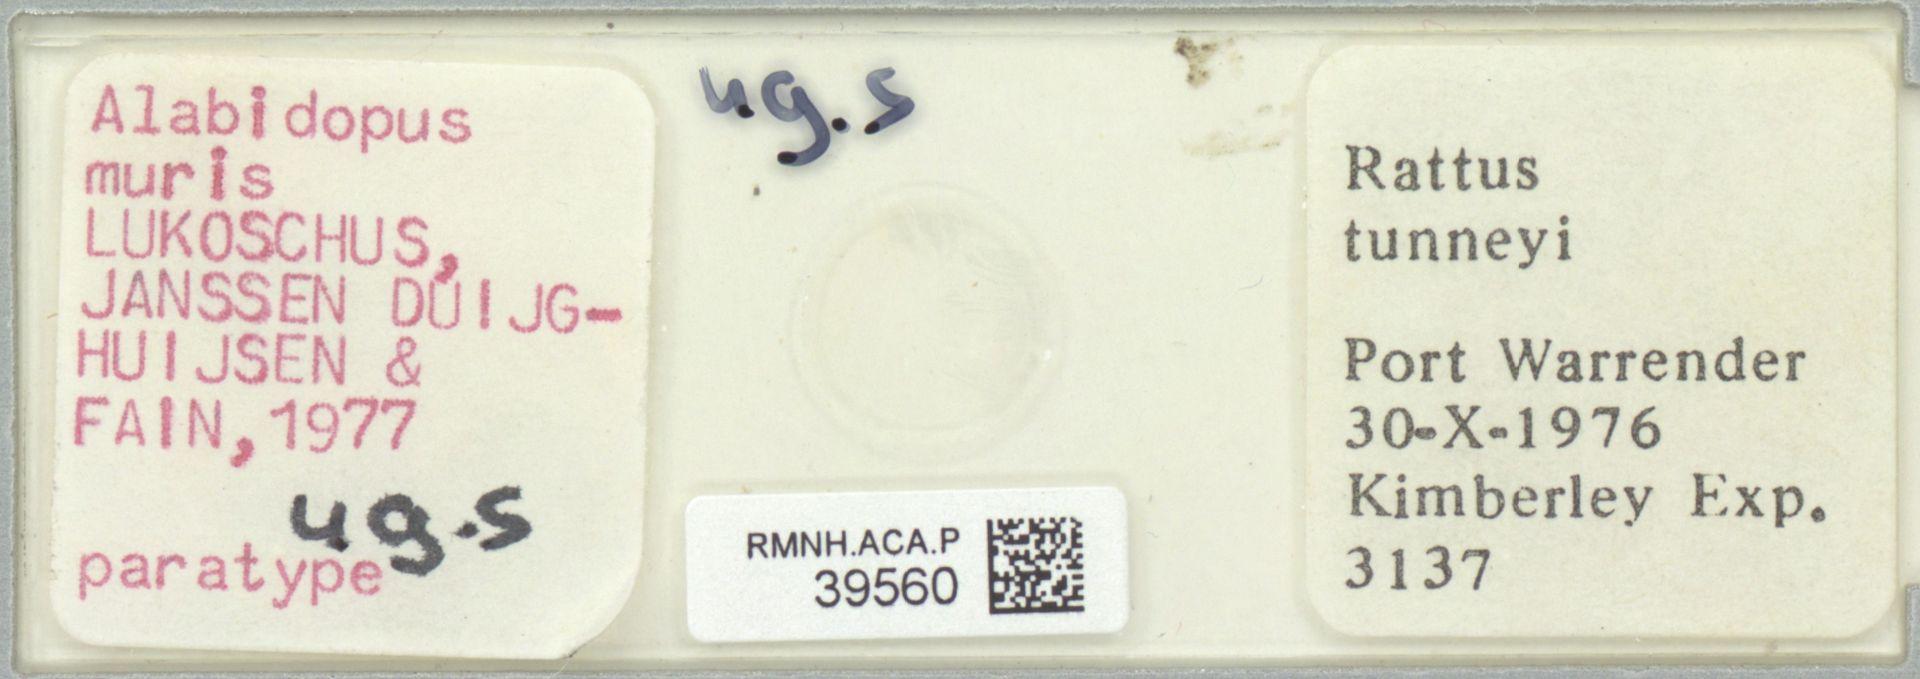 RMNH.ACA.P.39560 | Alabidopus muris Lukoschus, Janssen Duijghuijsen & Fain, 1977